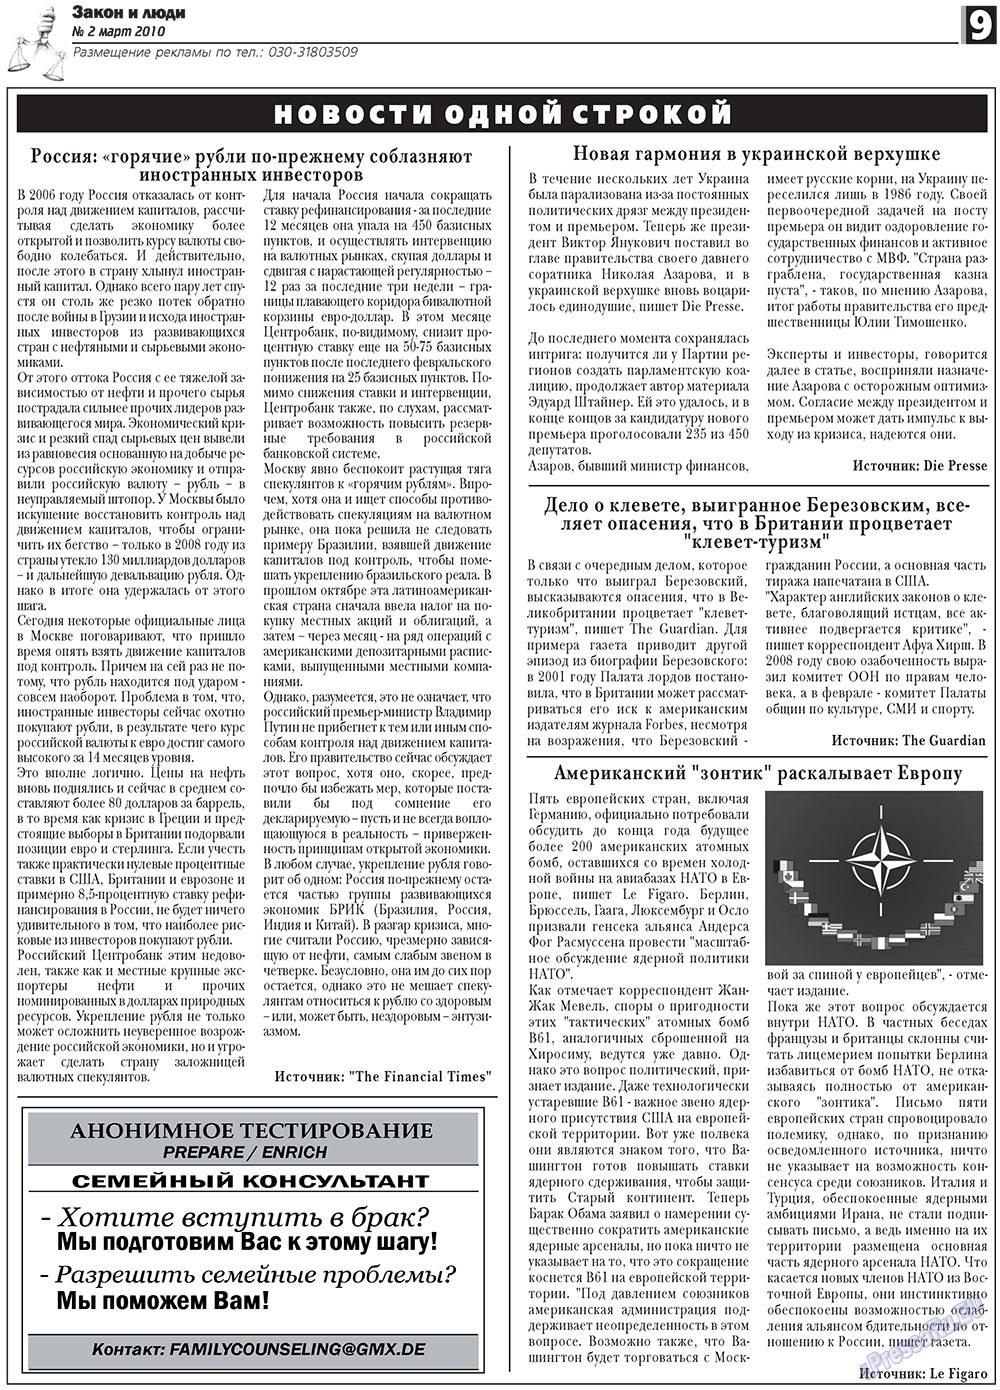 Закон и люди (газета). 2010 год, номер 2, стр. 9